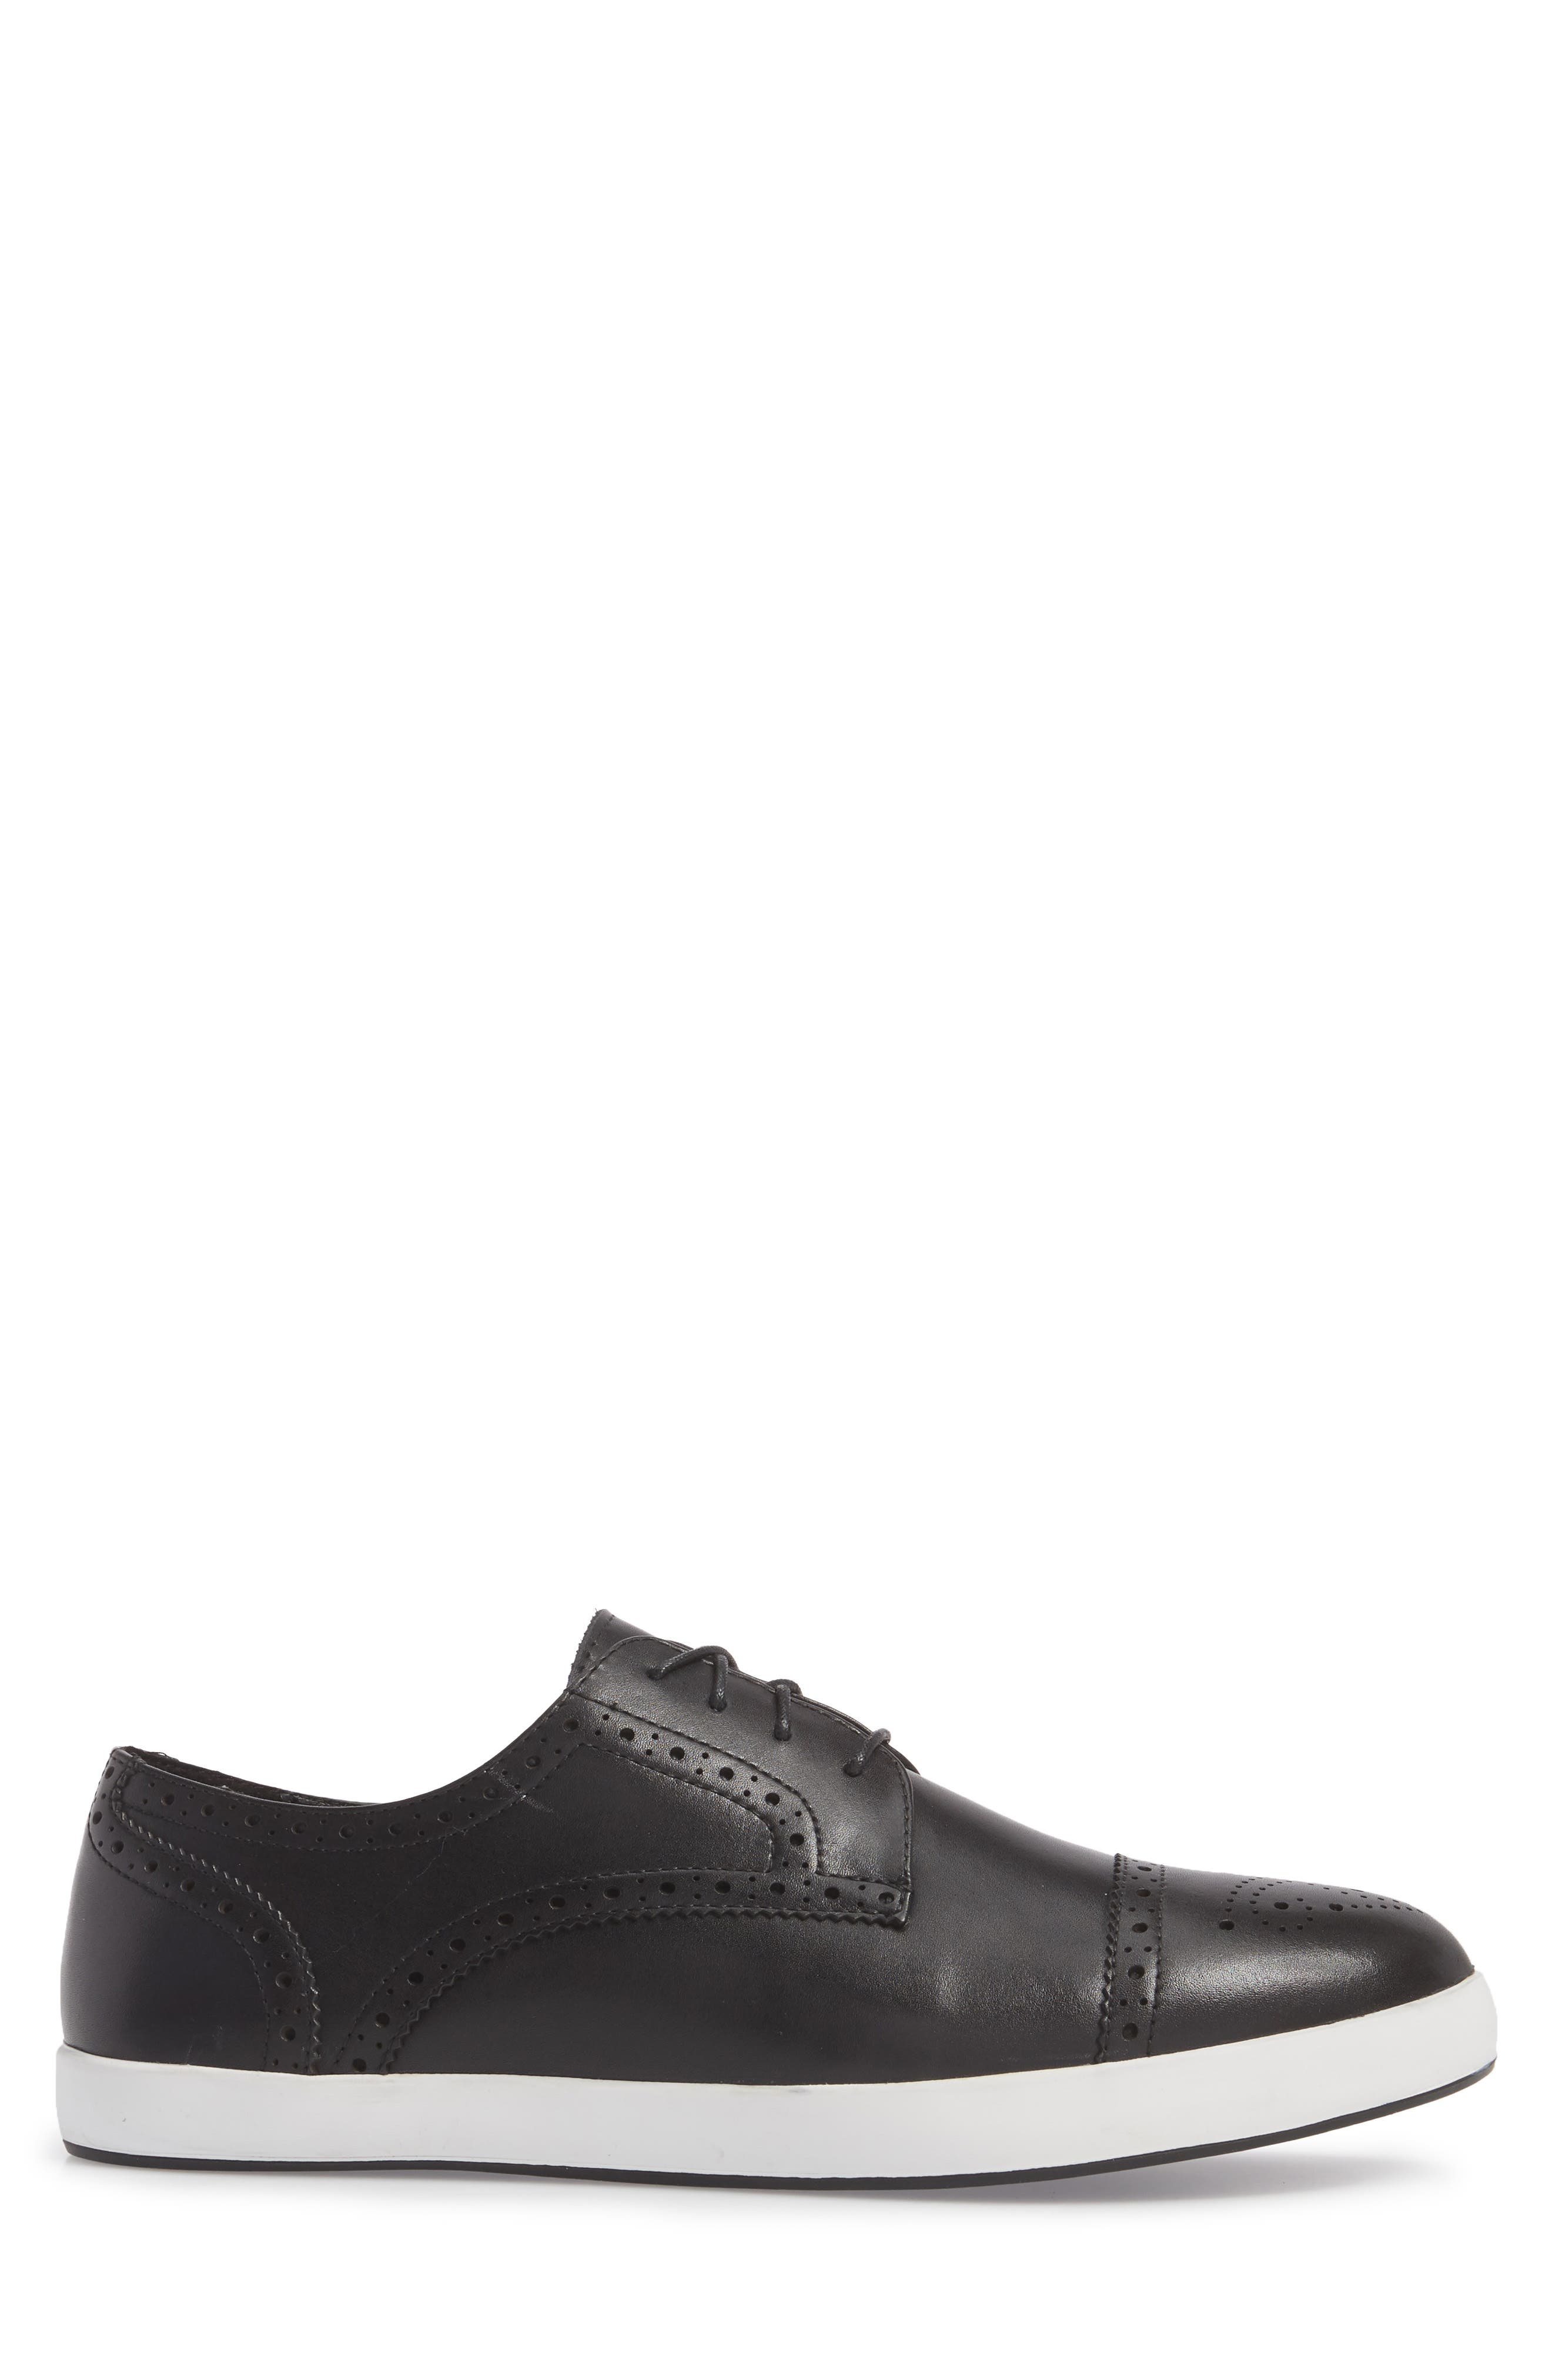 Dunnet Cap Toe Sneaker,                             Alternate thumbnail 3, color,                             001